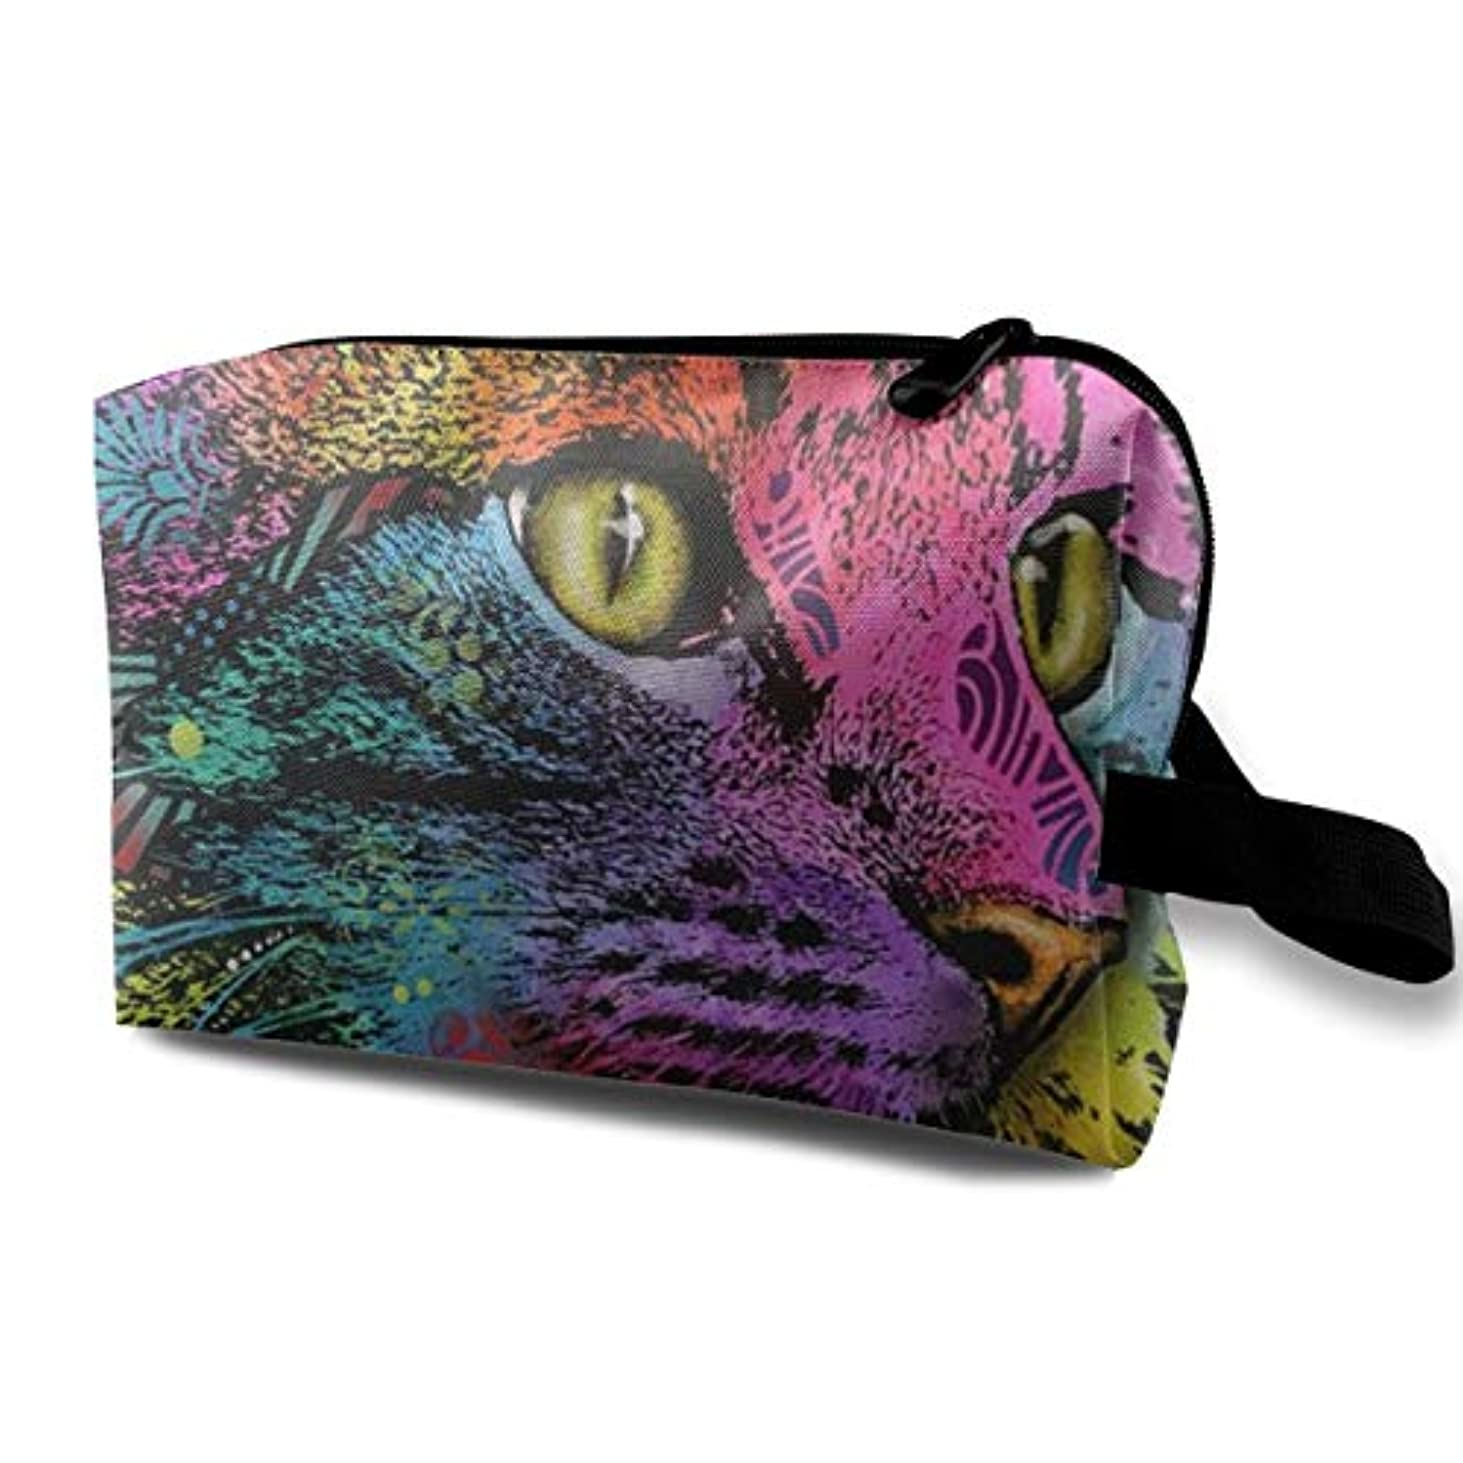 徹底一般フクロウMysterio Gaze Cat 収納ポーチ 化粧ポーチ 大容量 軽量 耐久性 ハンドル付持ち運び便利。入れ 自宅?出張?旅行?アウトドア撮影などに対応。メンズ レディース トラベルグッズ